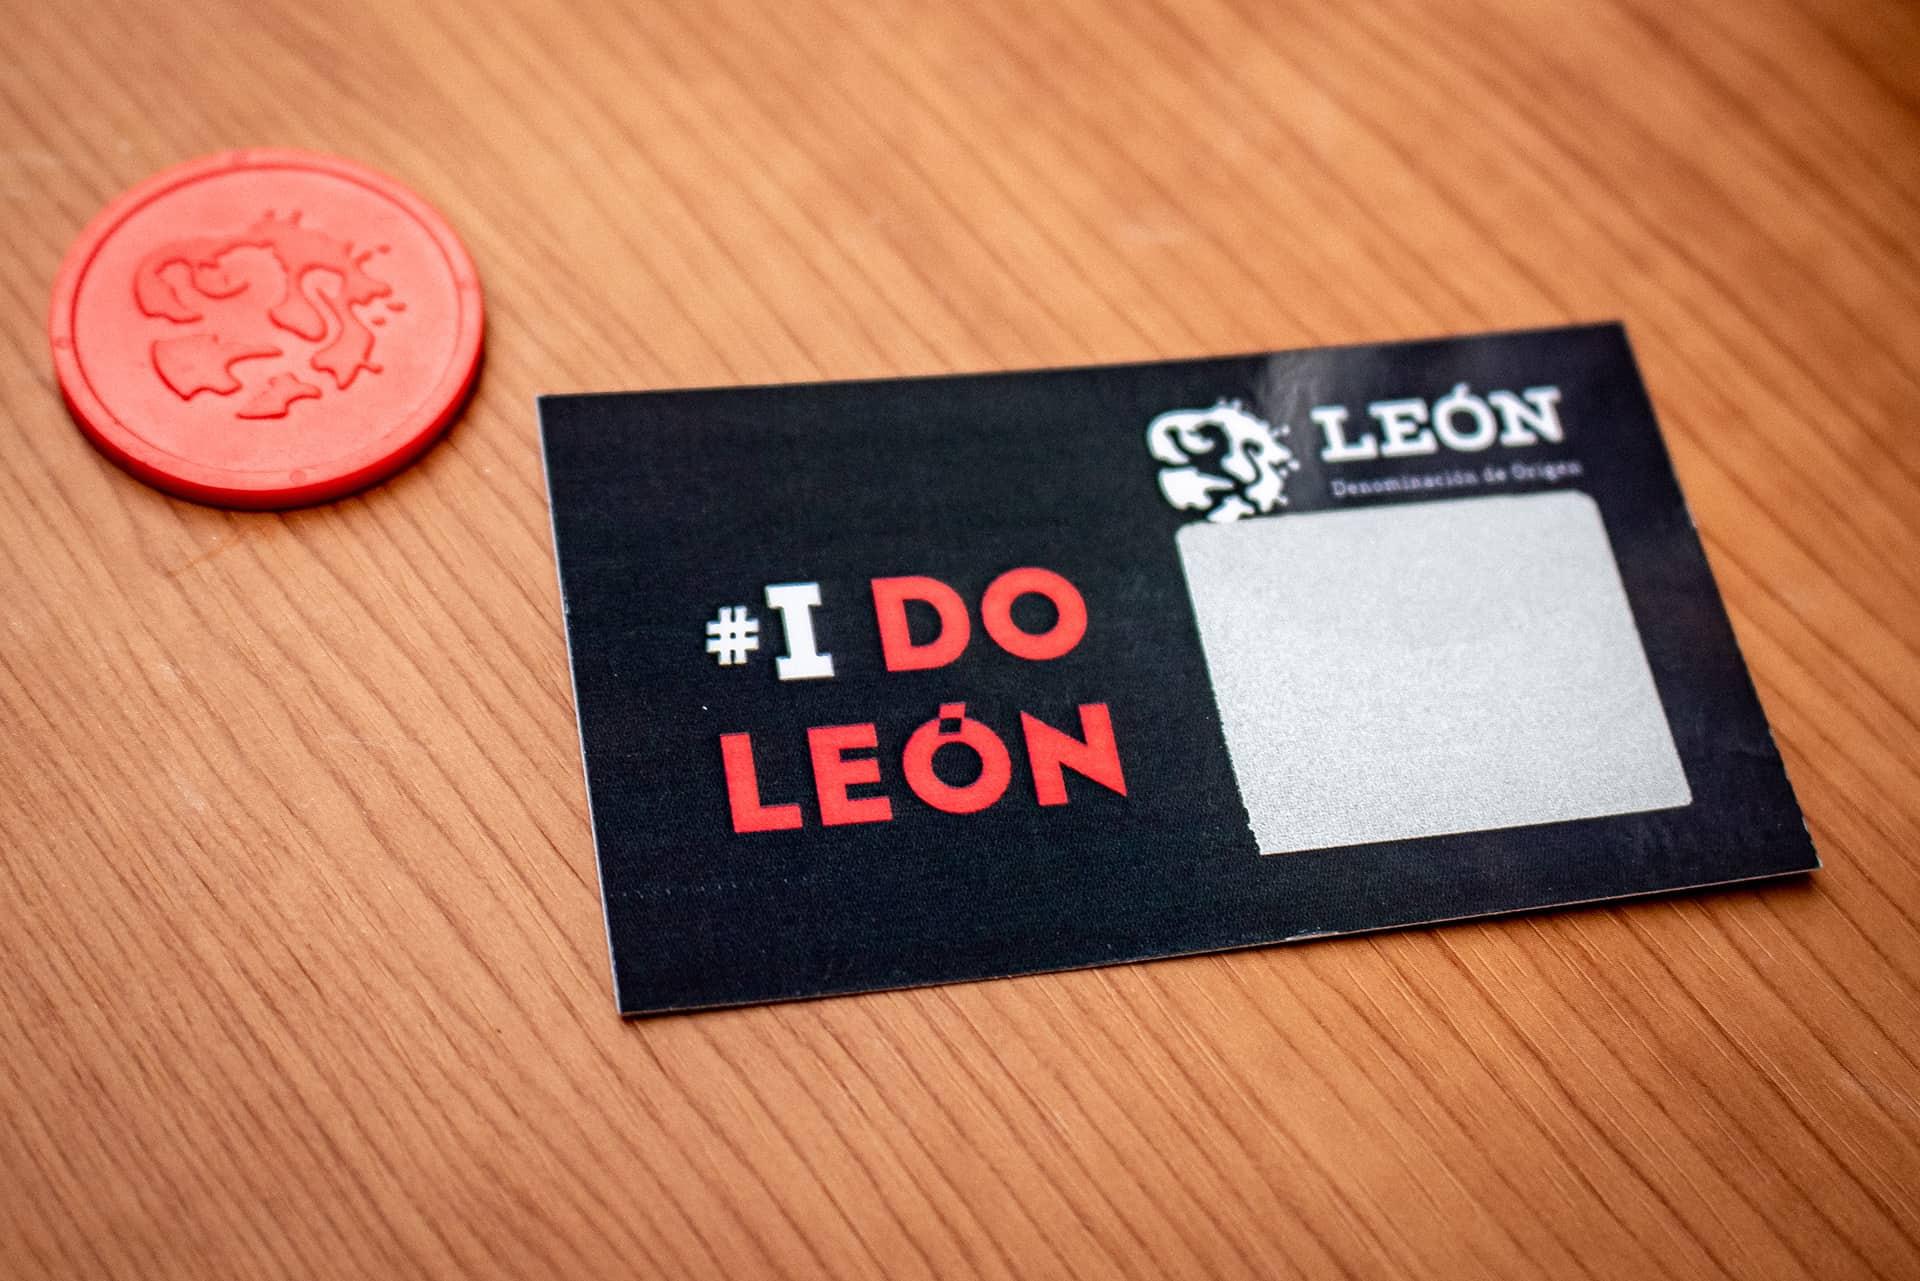 I Do León es la campaña de marketing de la DO León